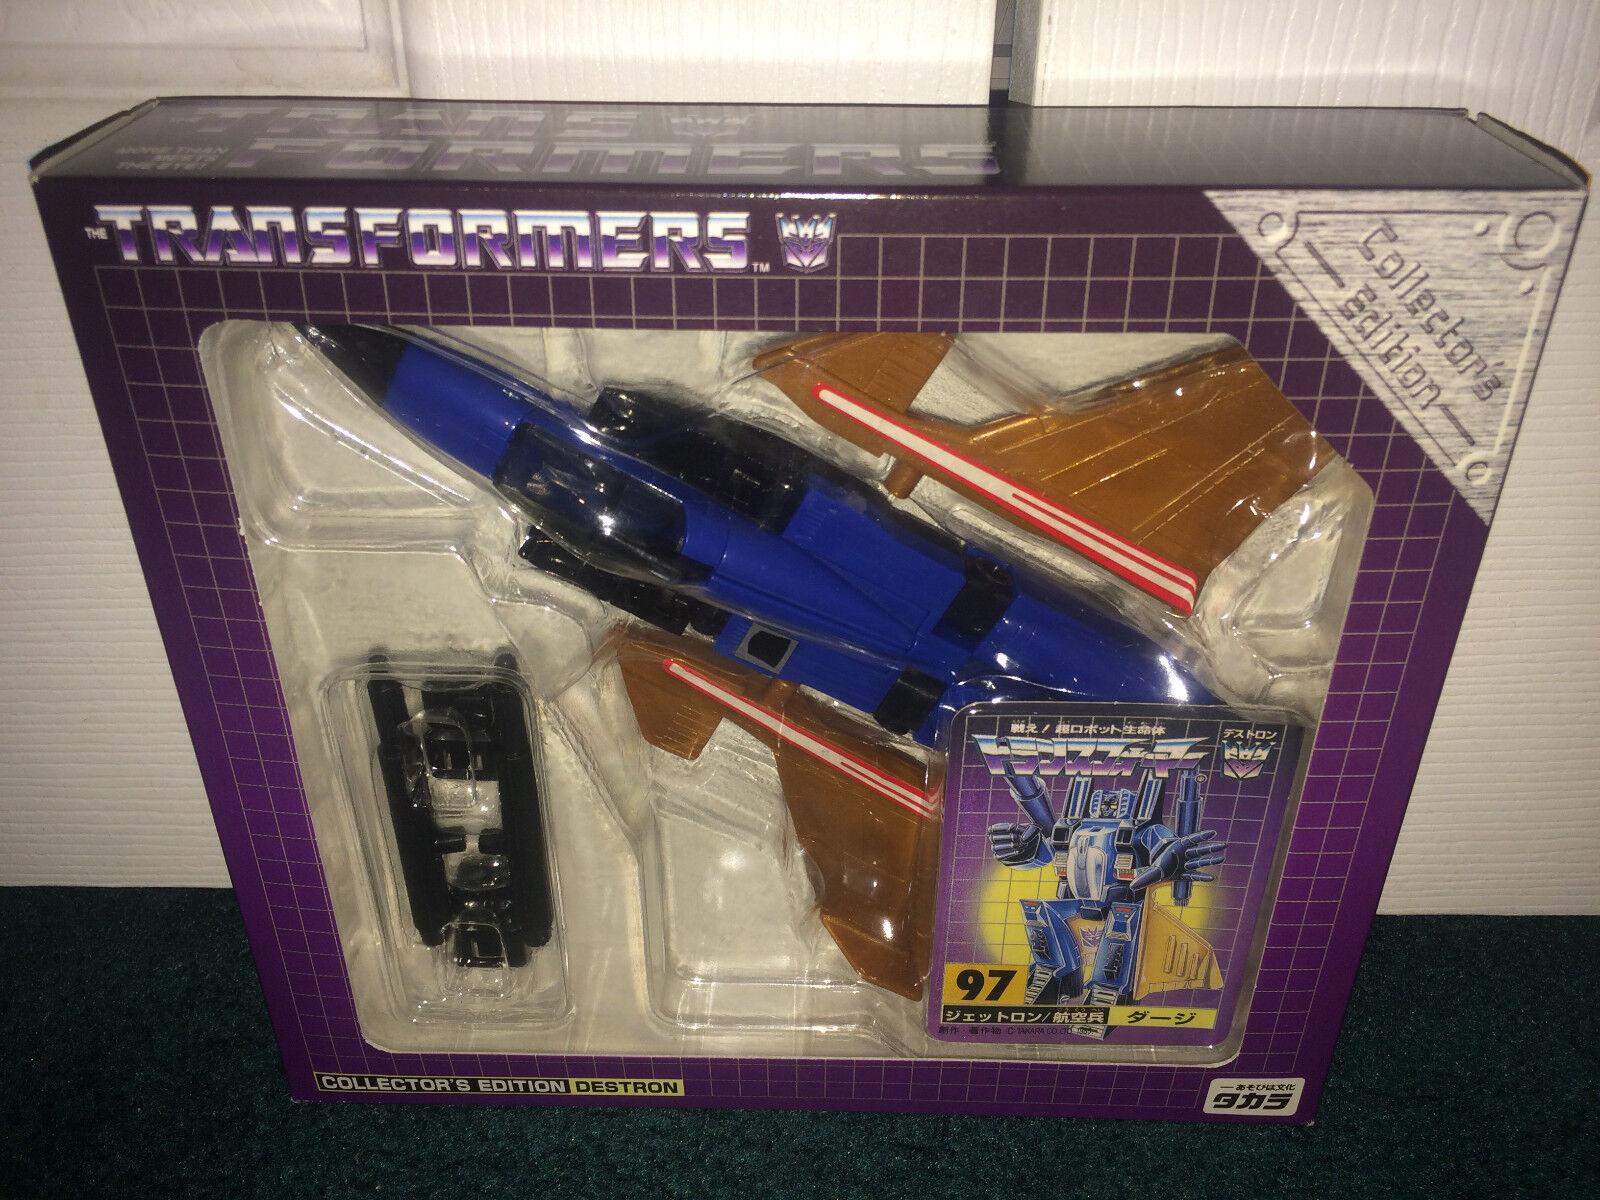 Significa D97 G1 riemettere Giappone convenzione esclusivo Transformers Takara 2001 Nuovo di zecca IN CONFEZIONE SIGILLATA